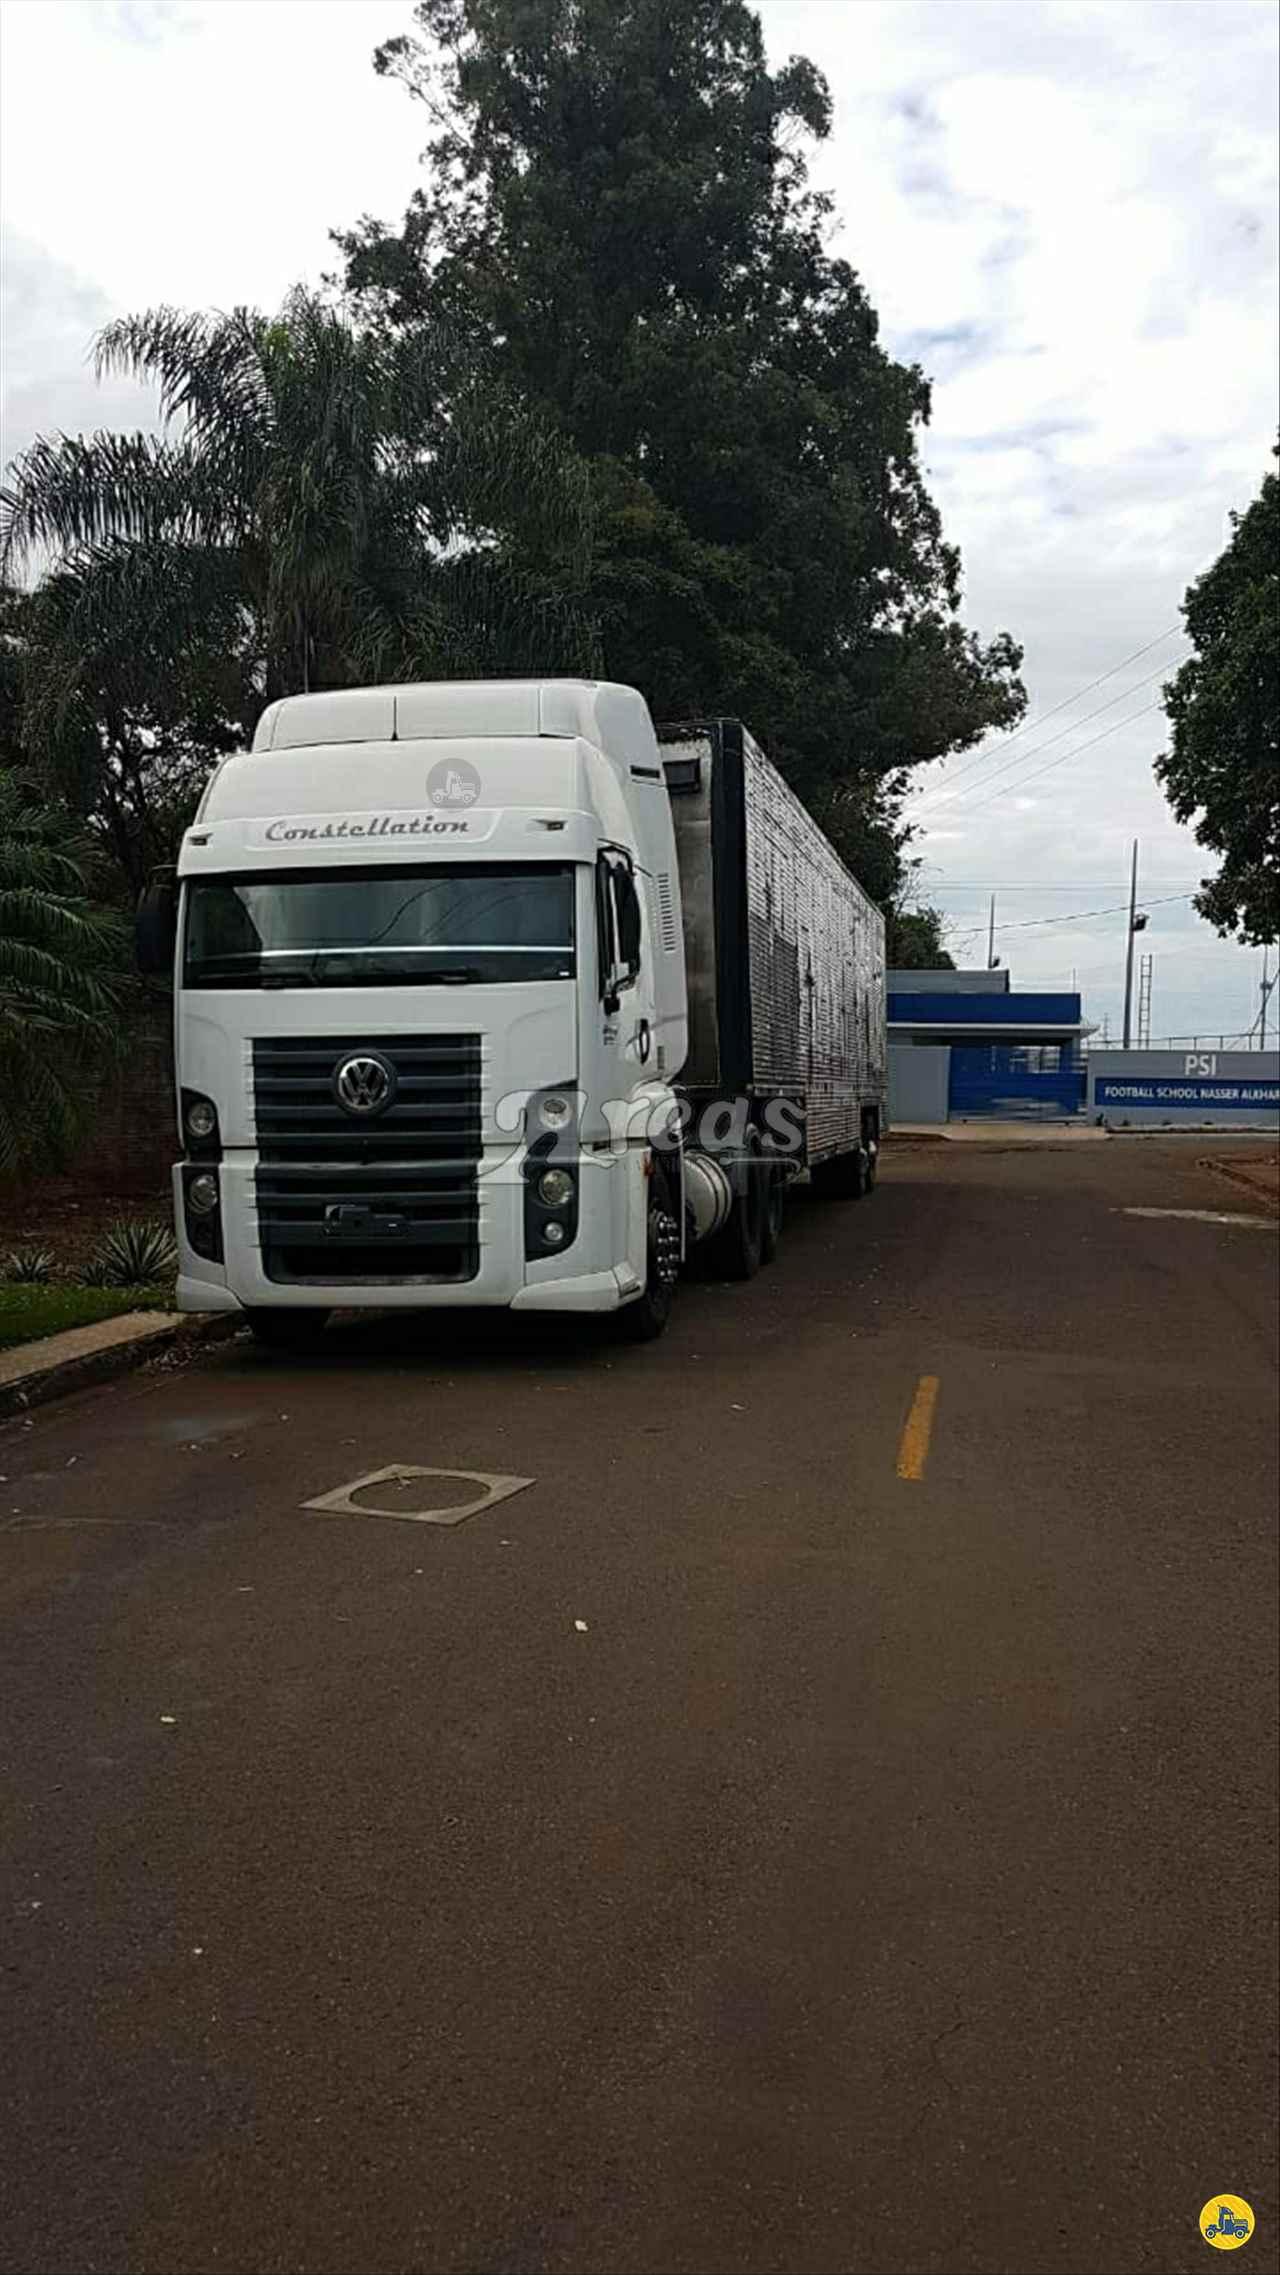 CAMINHAO VOLKSWAGEN VW 25370 Cavalo Mecânico Truck 6x2 Arêas Caminhões MARINGA PARANÁ PR